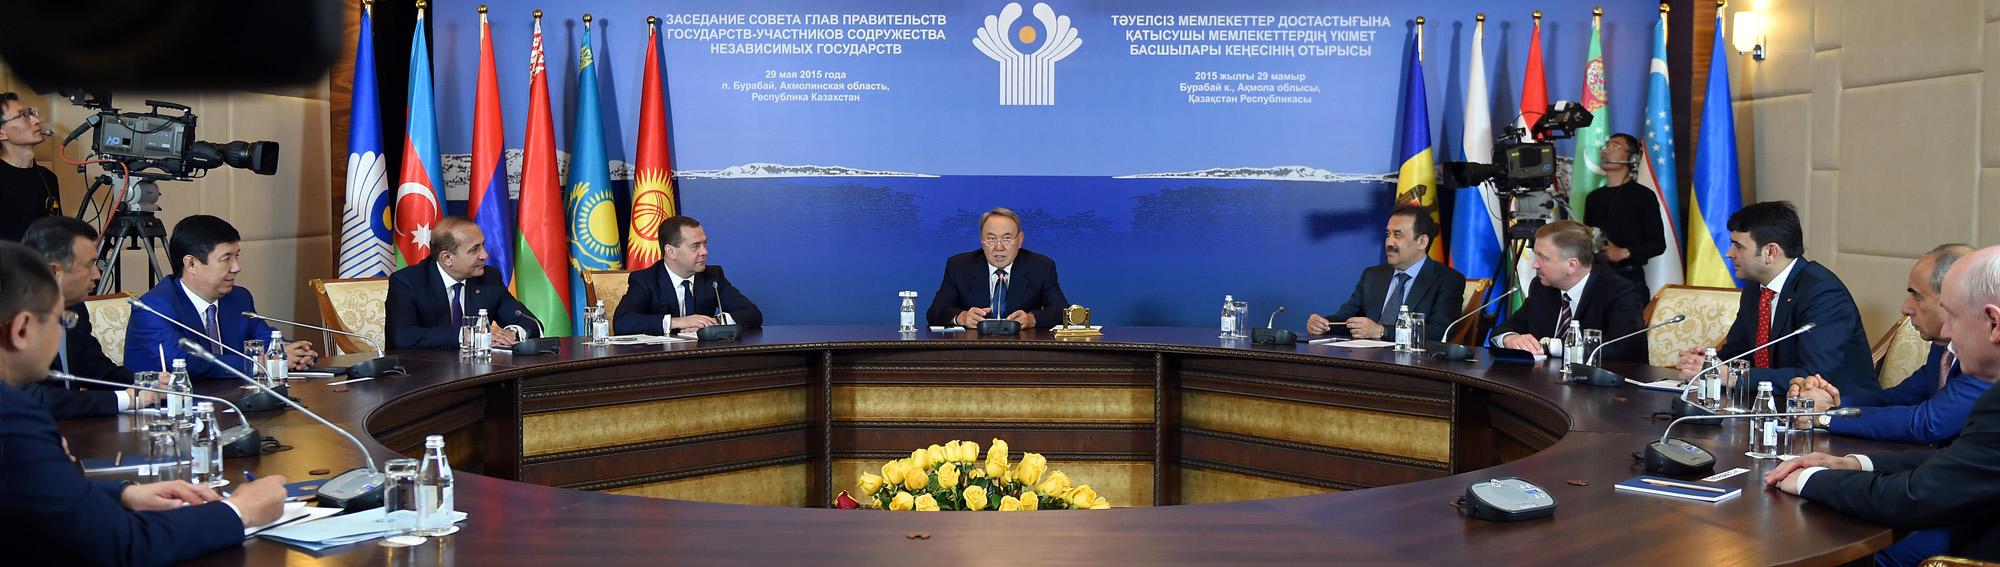 Порядка 14 млрд долларов направлено на индустриальный каркас Казахстана - Назарбаев